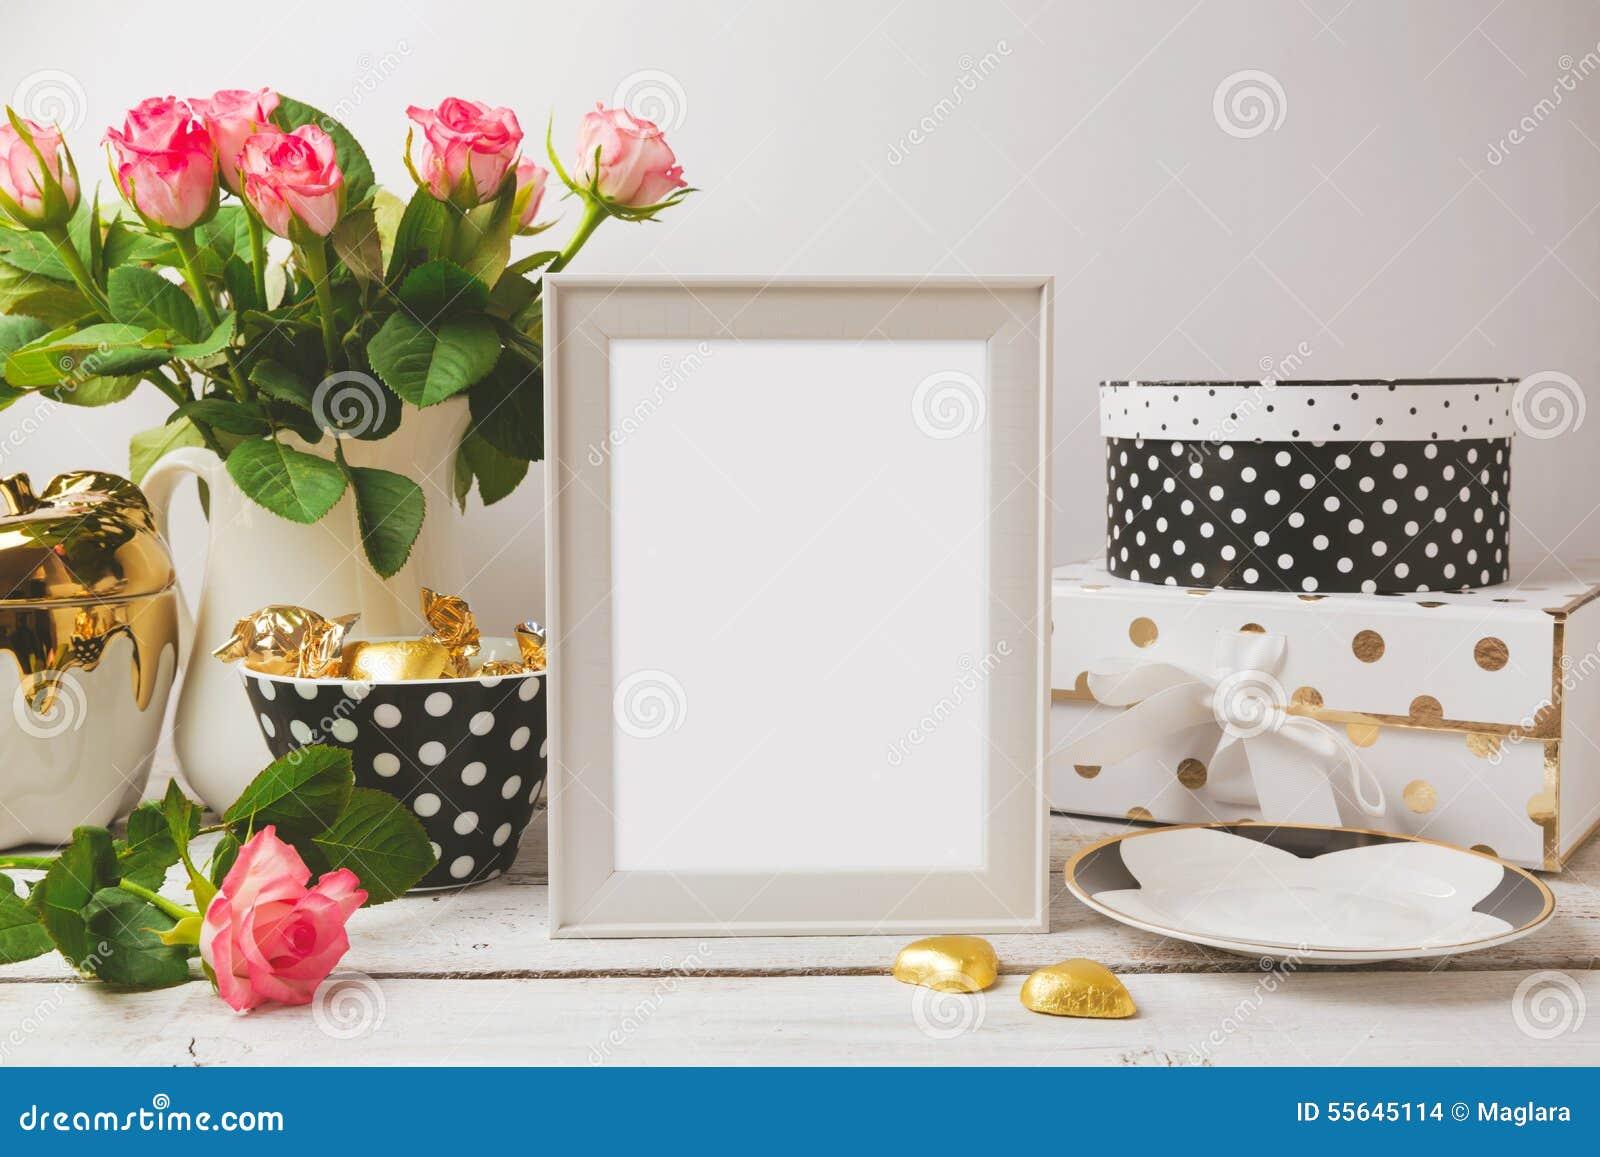 Derisione del modello del manifesto della cornice su con fascino ed oggetti femminili eleganti